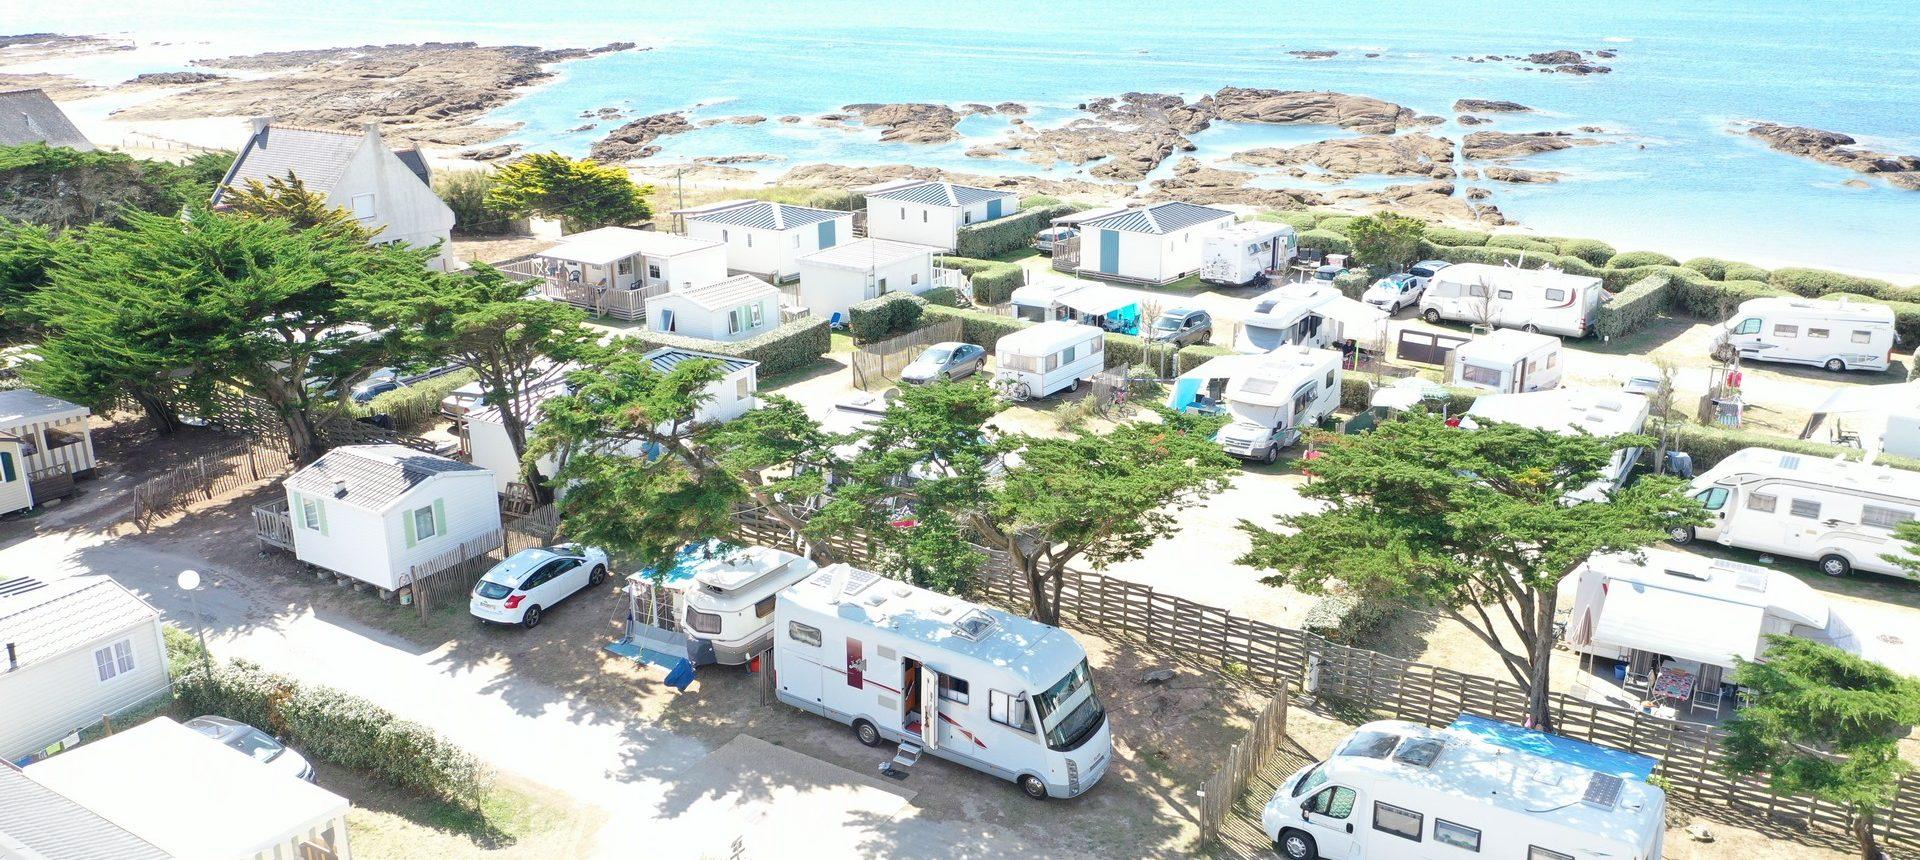 Camping La Falaise : Default